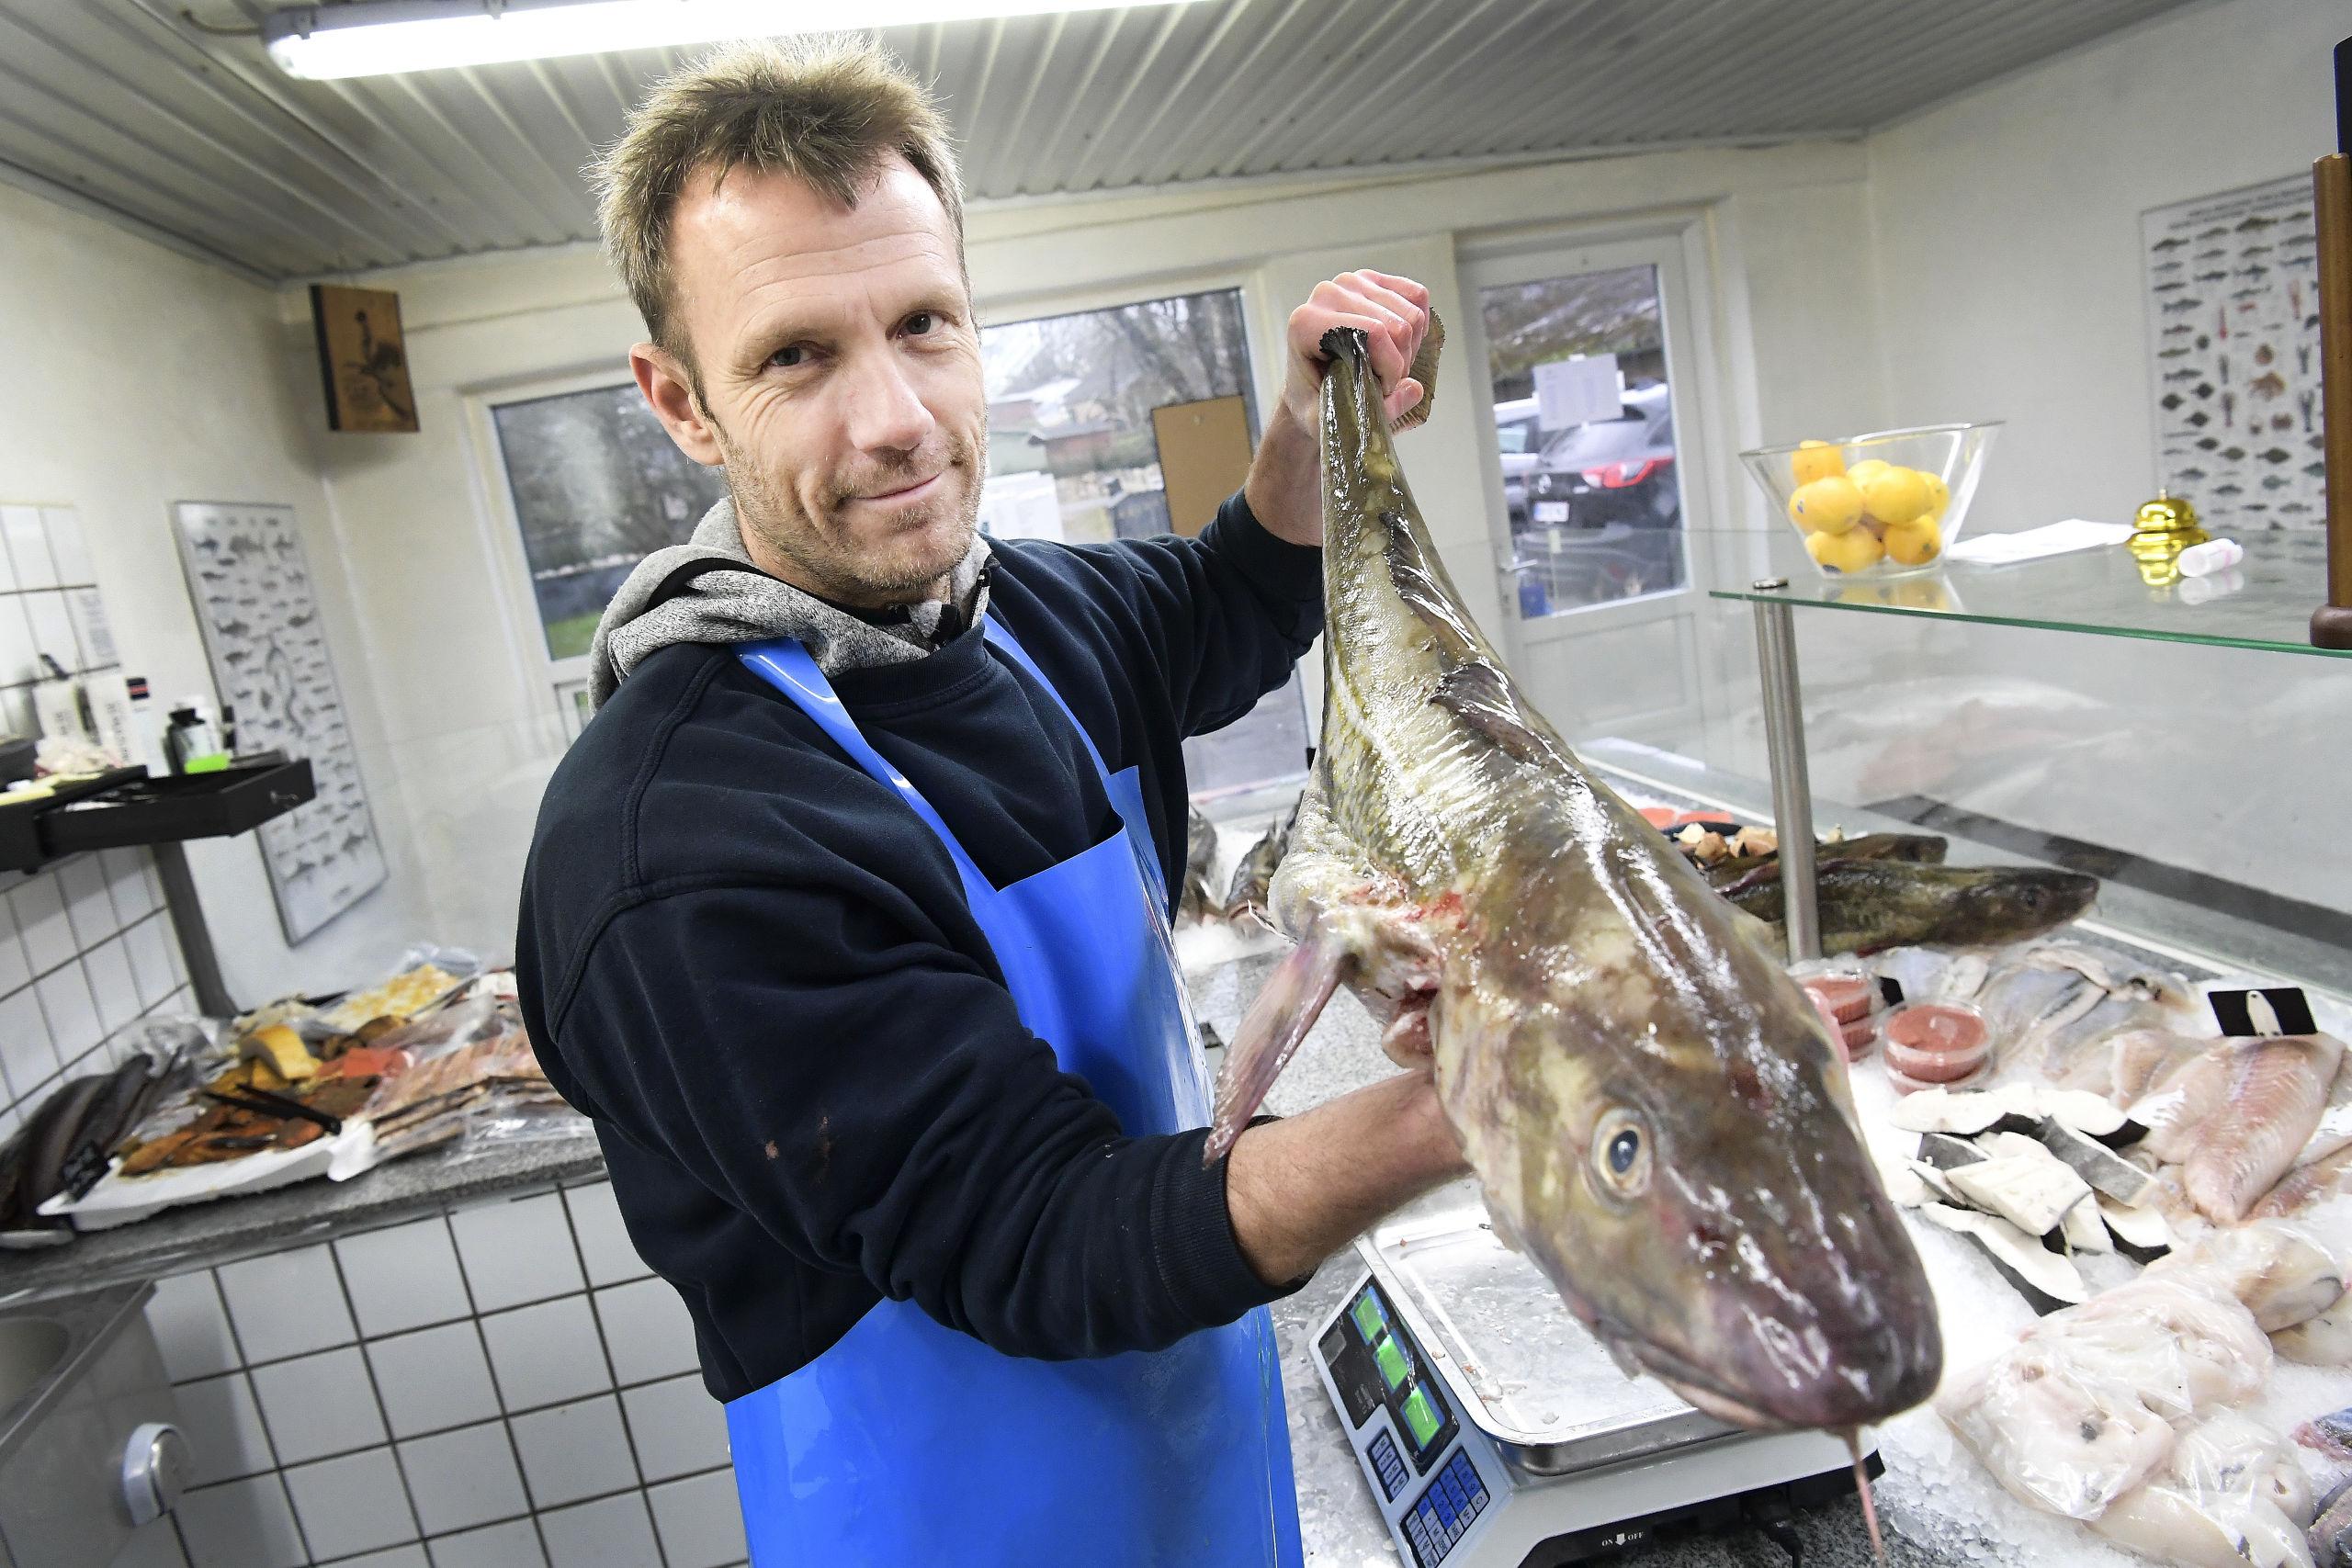 Værsgo - og nyd endelig synet. Fiskehandler Johnny Melchior Nielsen viser her et pragteksemplar af en torsk på ikke mindre end 5,8 kilo. Foto: Michael Koch